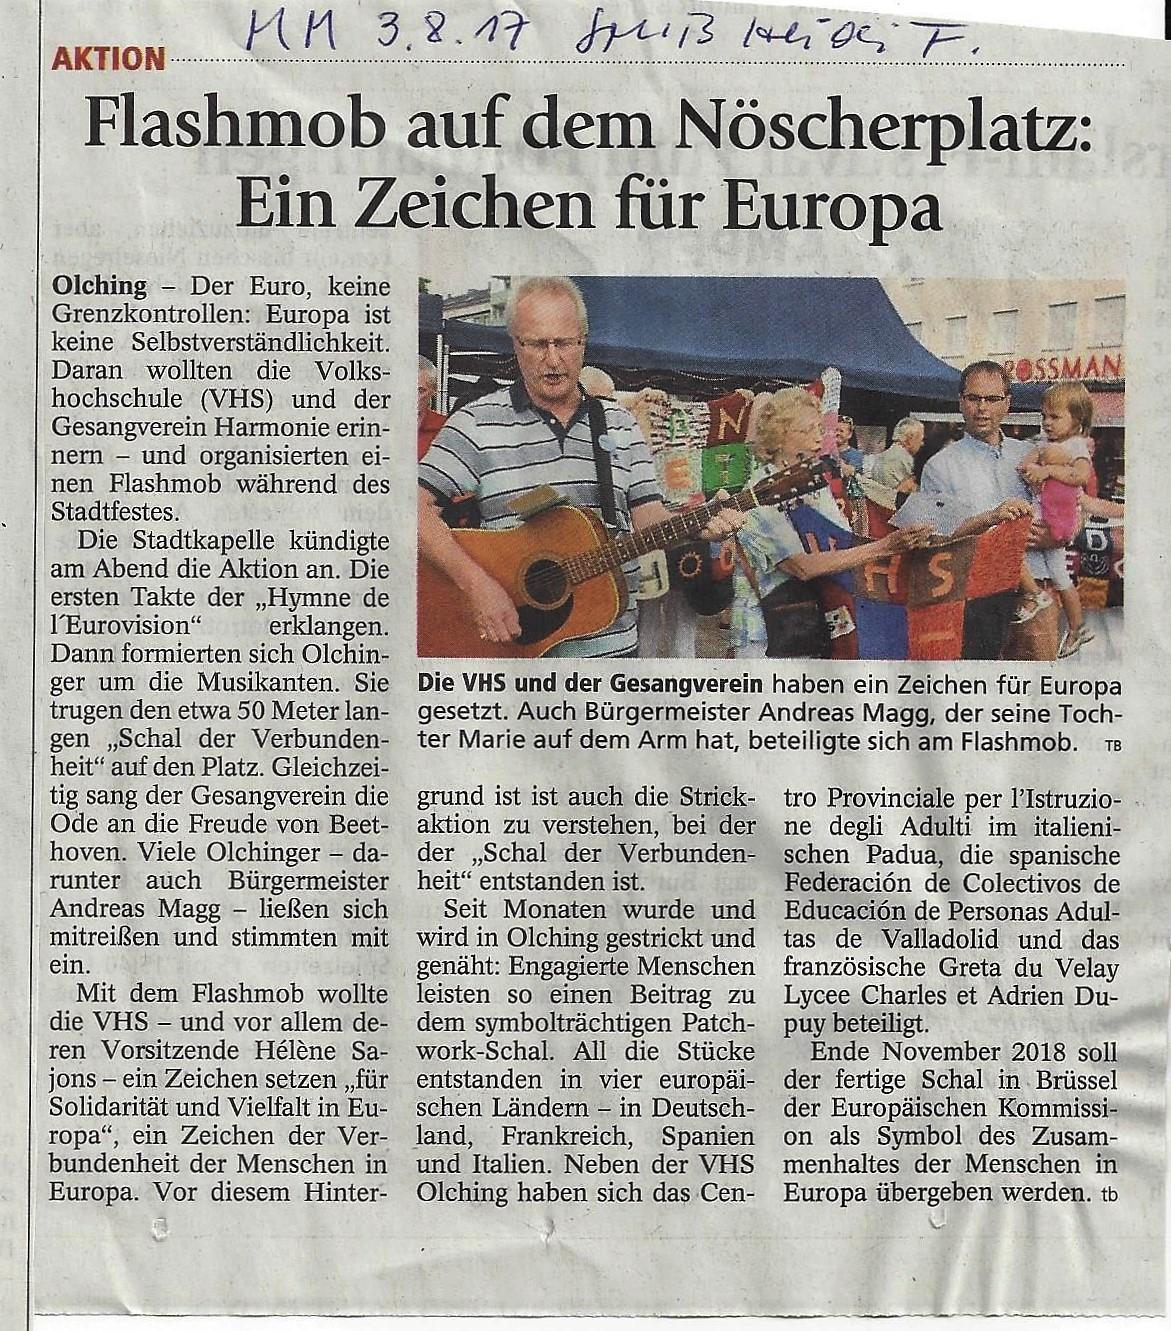 Flashmob-Merkur- 03.08.17